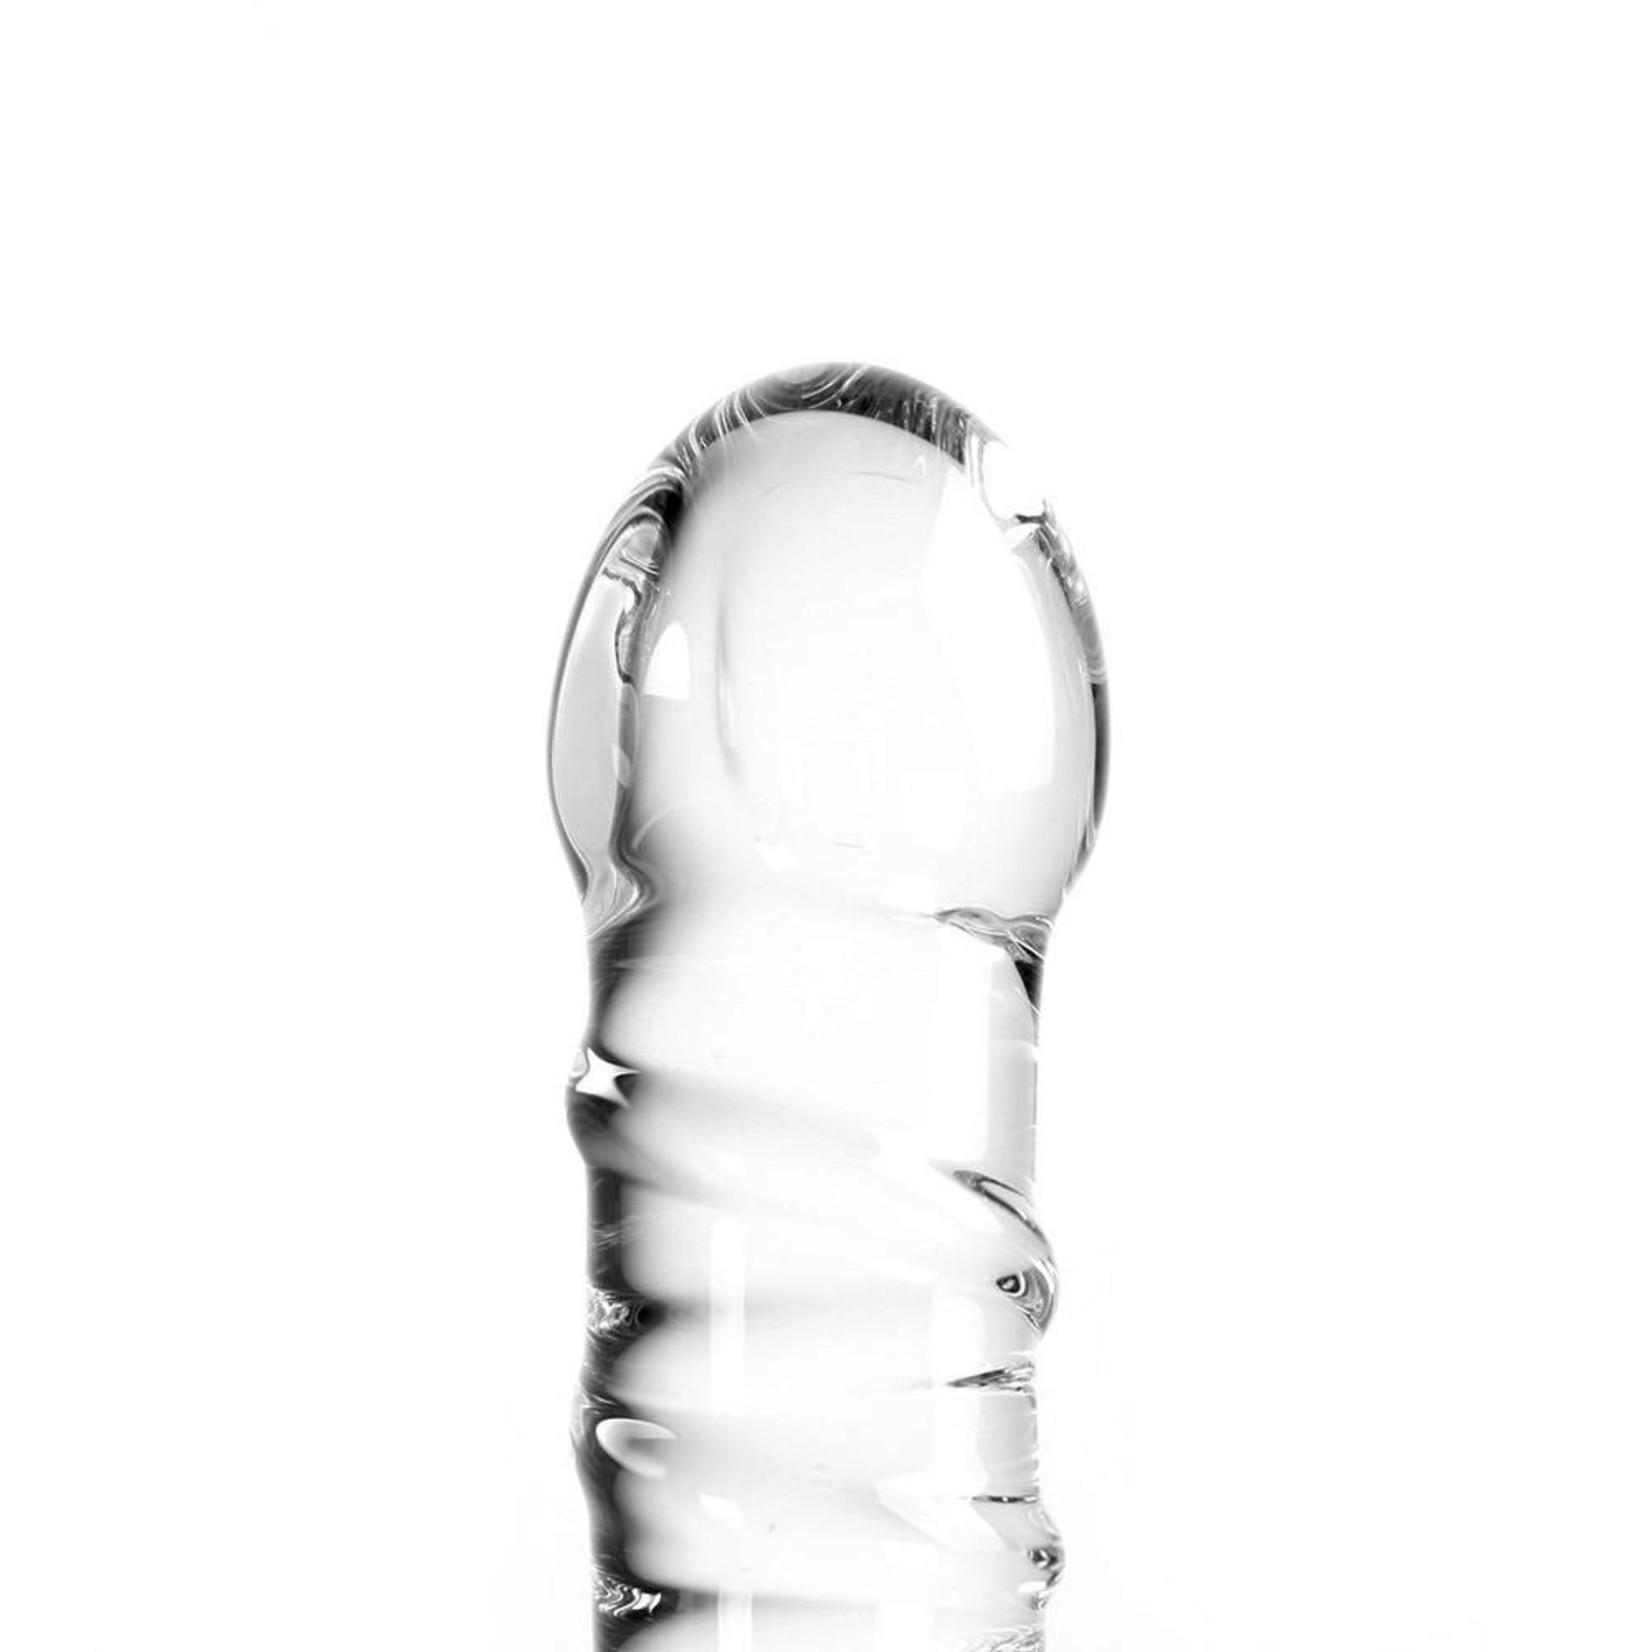 Kiotos Glass Glass Dildo Clear Penis Swirl